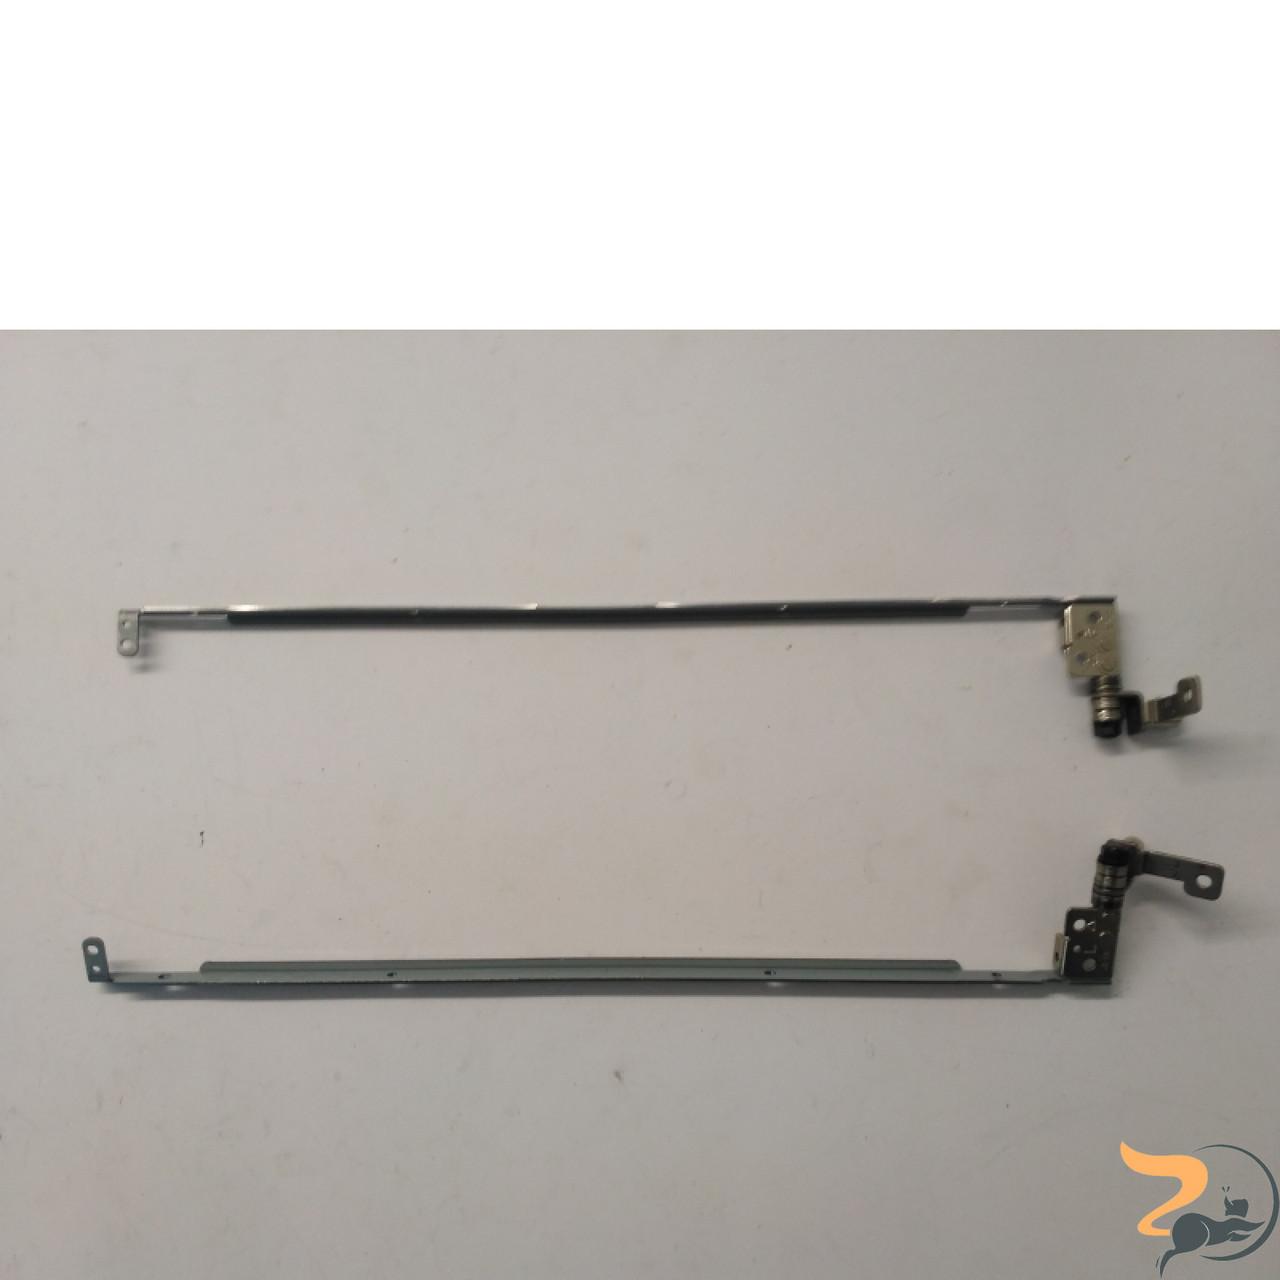 Петлі для ноутбука Fujitsu Amilo La1703, 6053B0135201, 6053B0135301, Б/В